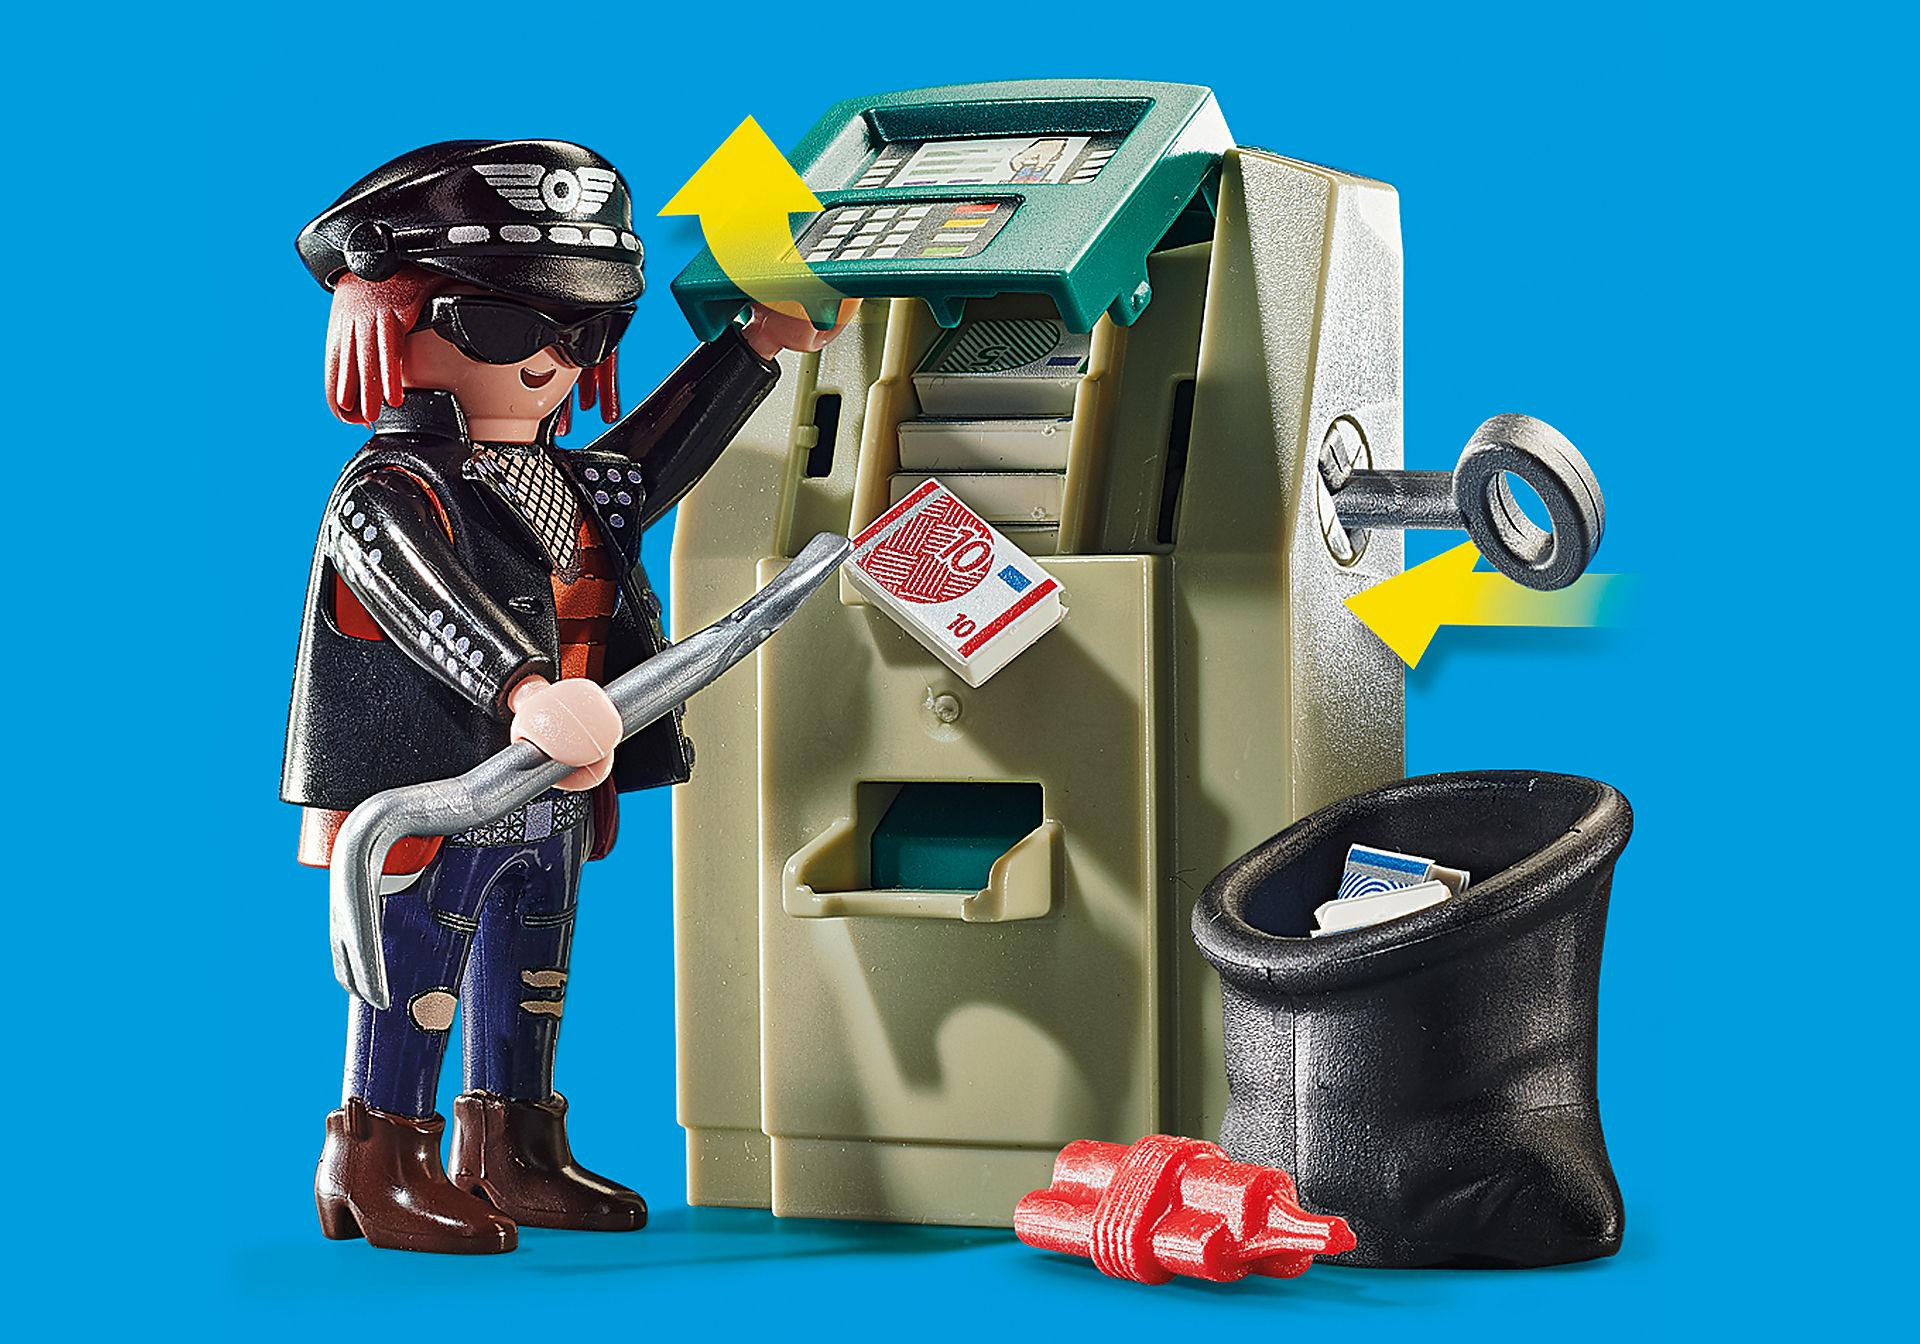 70572 Policyjny motor: Pościg za przestępcą zoom image4